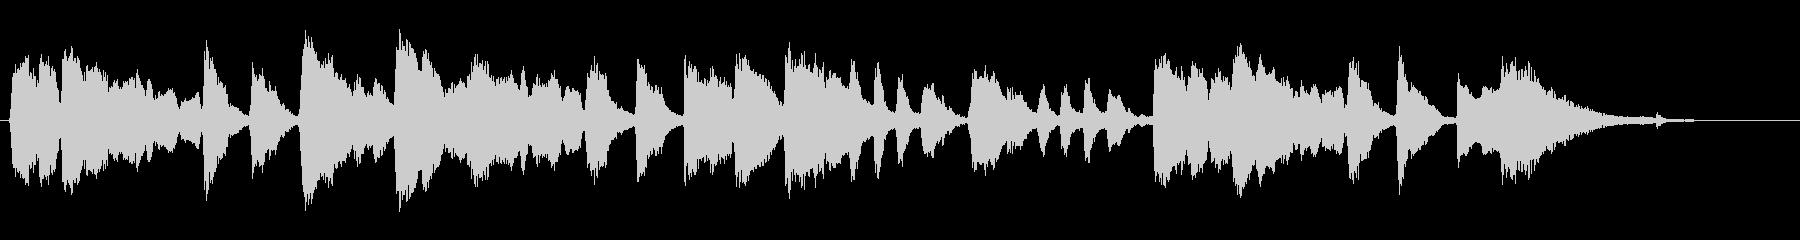 【バイオリン生演奏】鍛冶屋の槌音の未再生の波形